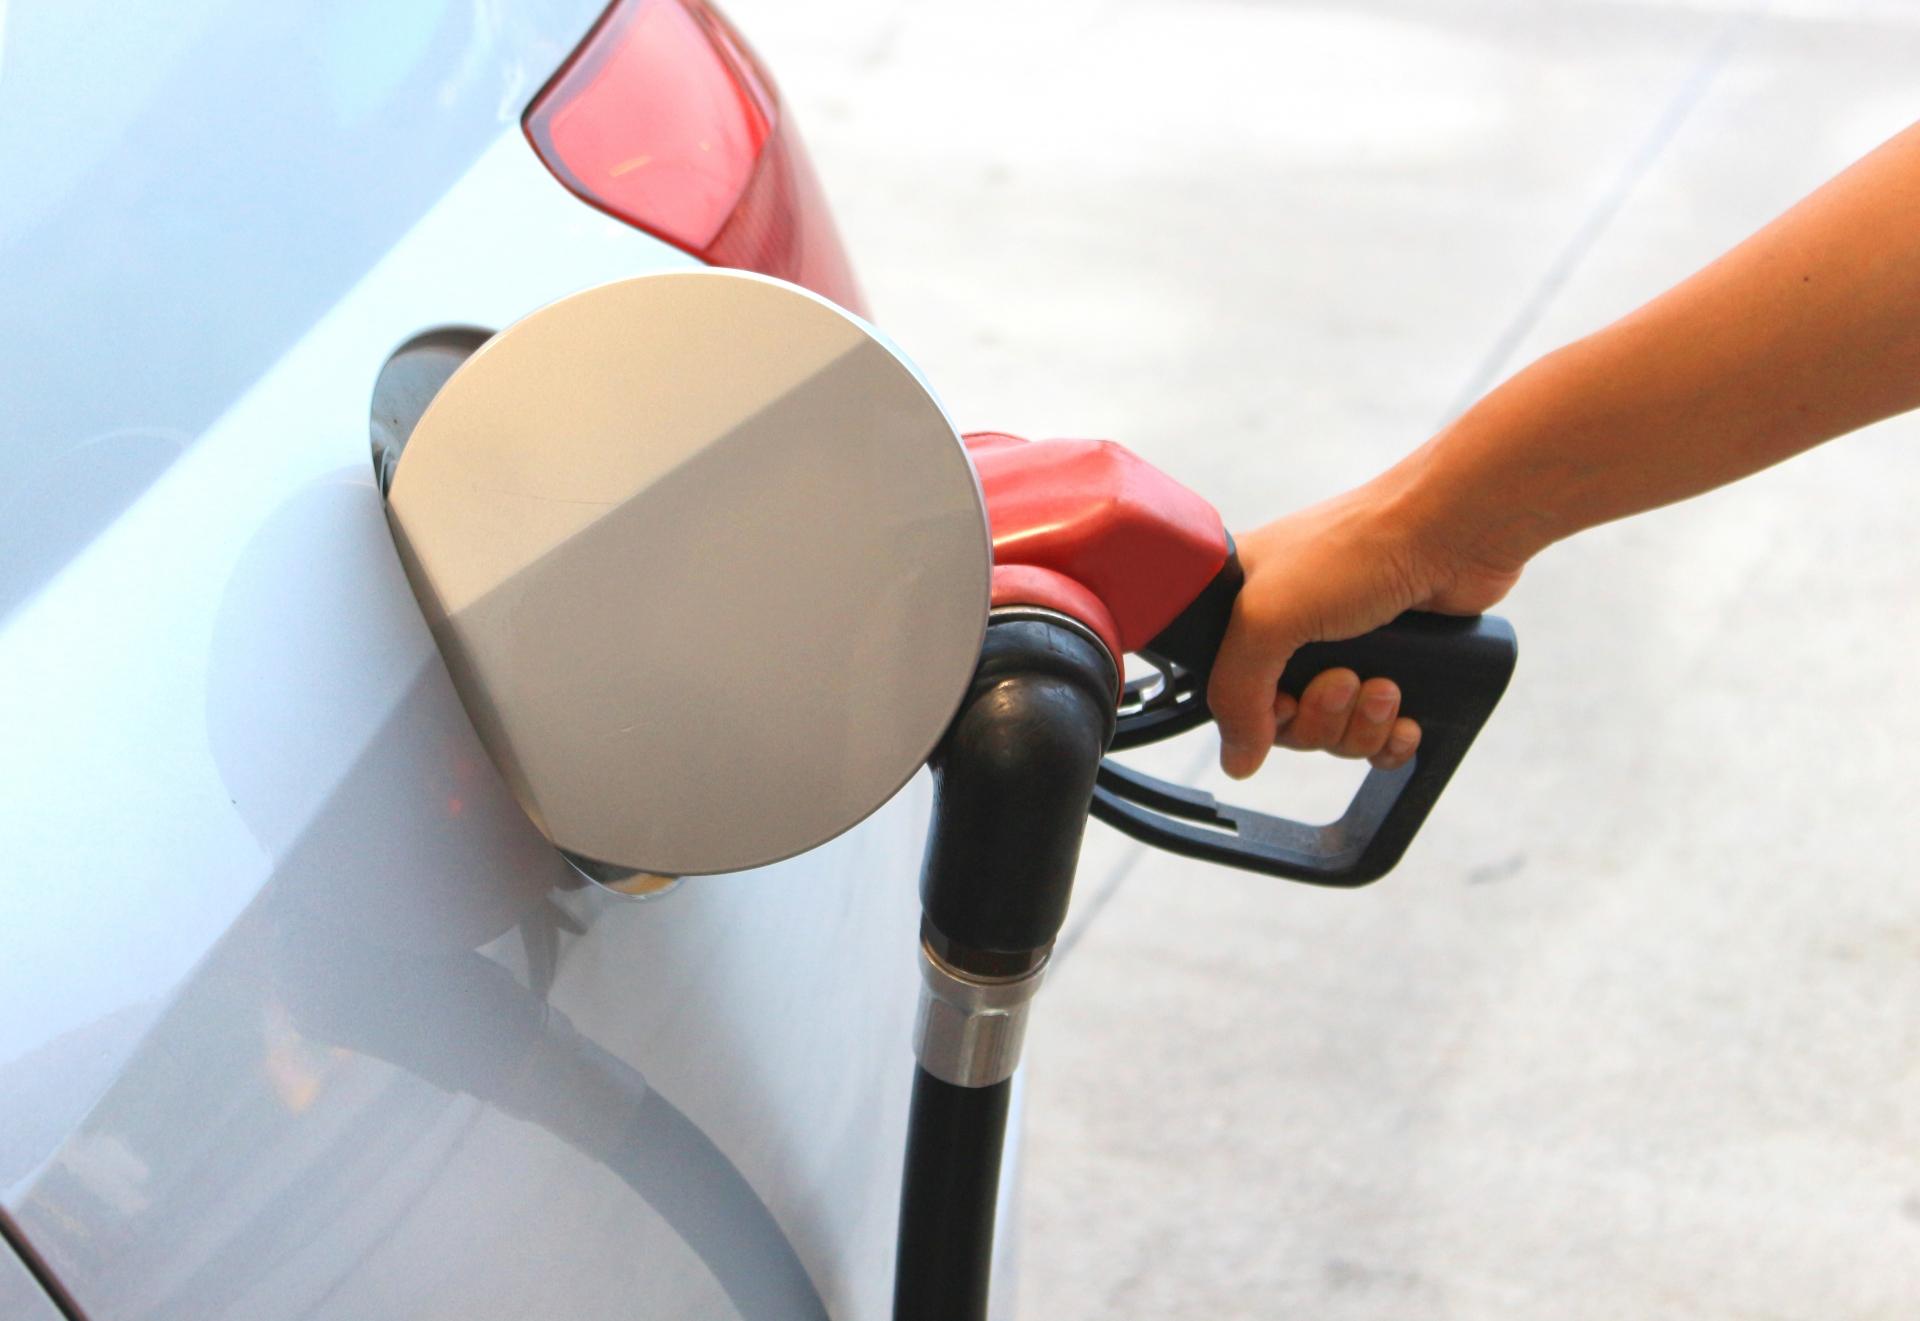 【ドライブの基礎知識】ガソリン価格値上がり中!燃料代を節約、燃費を向上させるエコドライブとは?